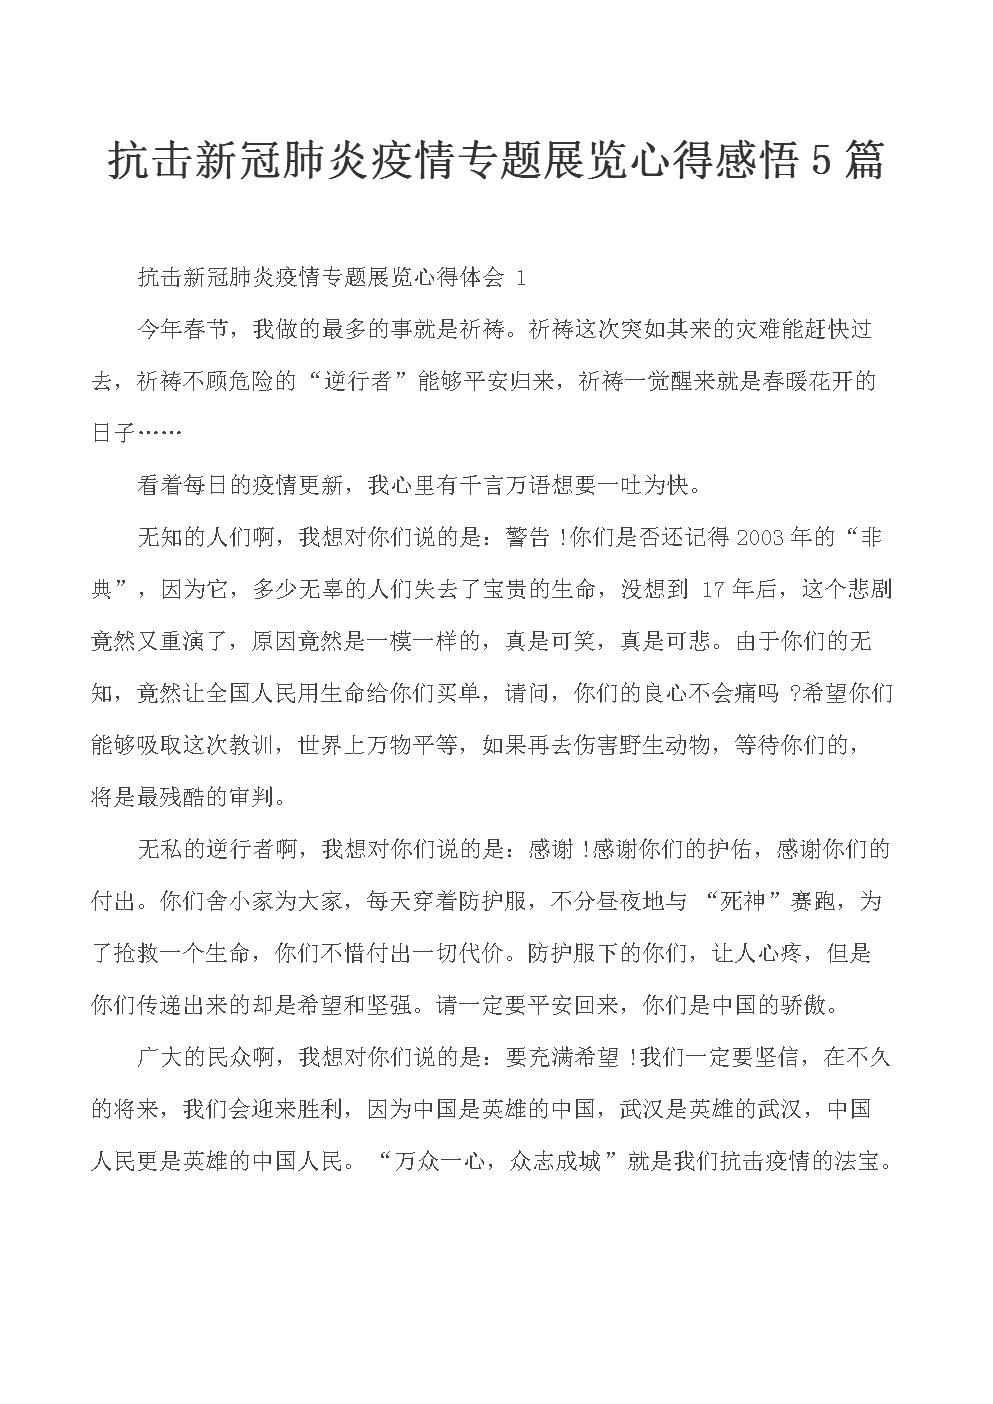 抗击新冠肺炎疫情专题展览心得感悟5篇.docx